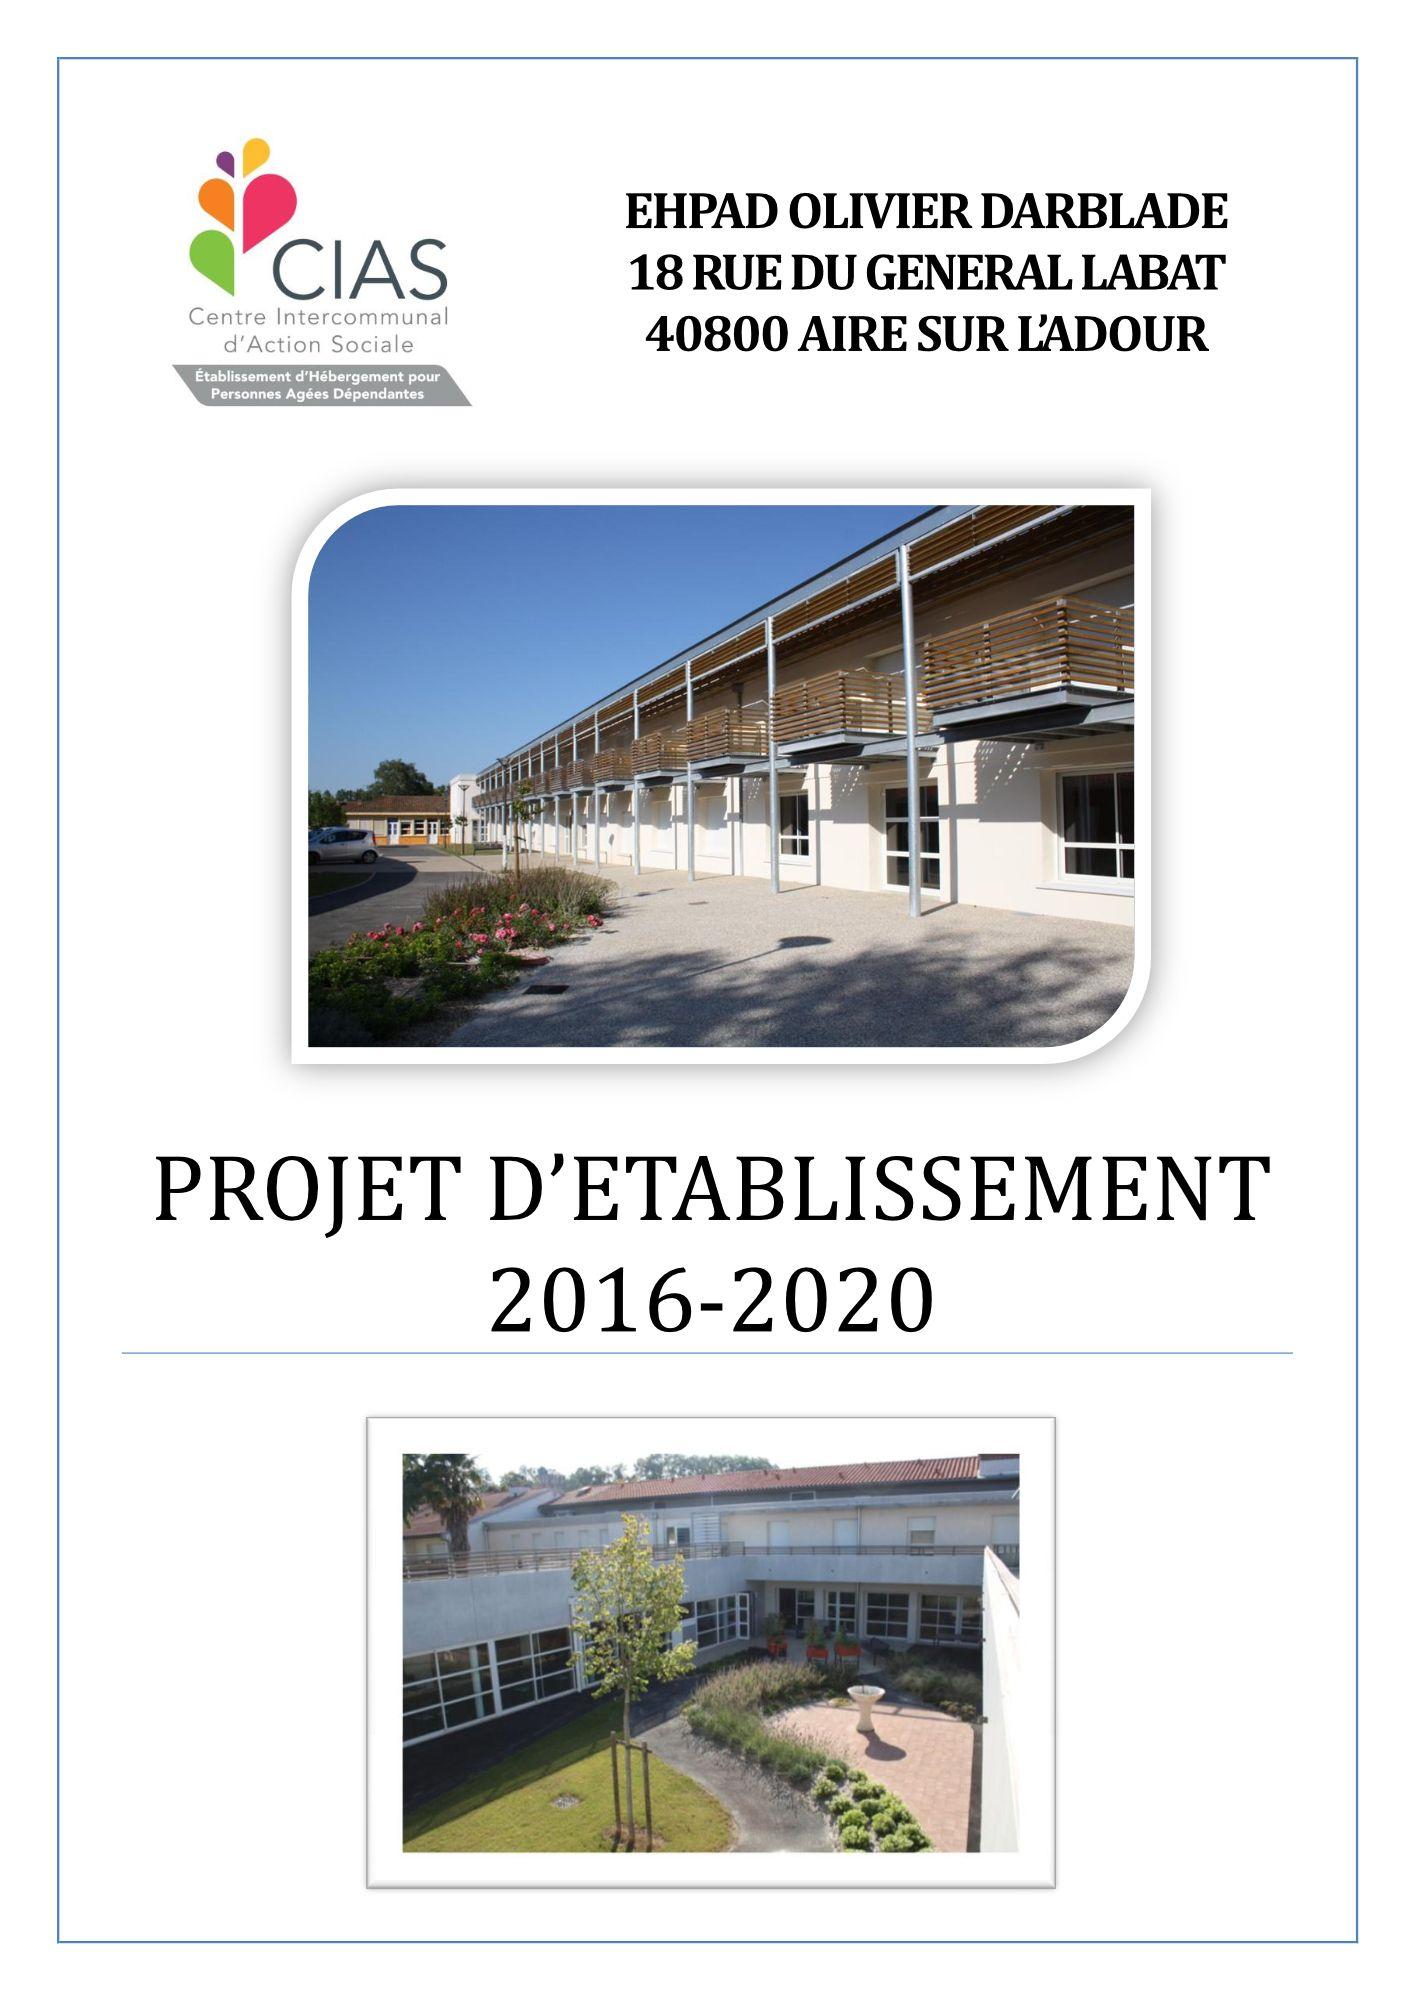 Projet établissement EHPAD 2016-2020